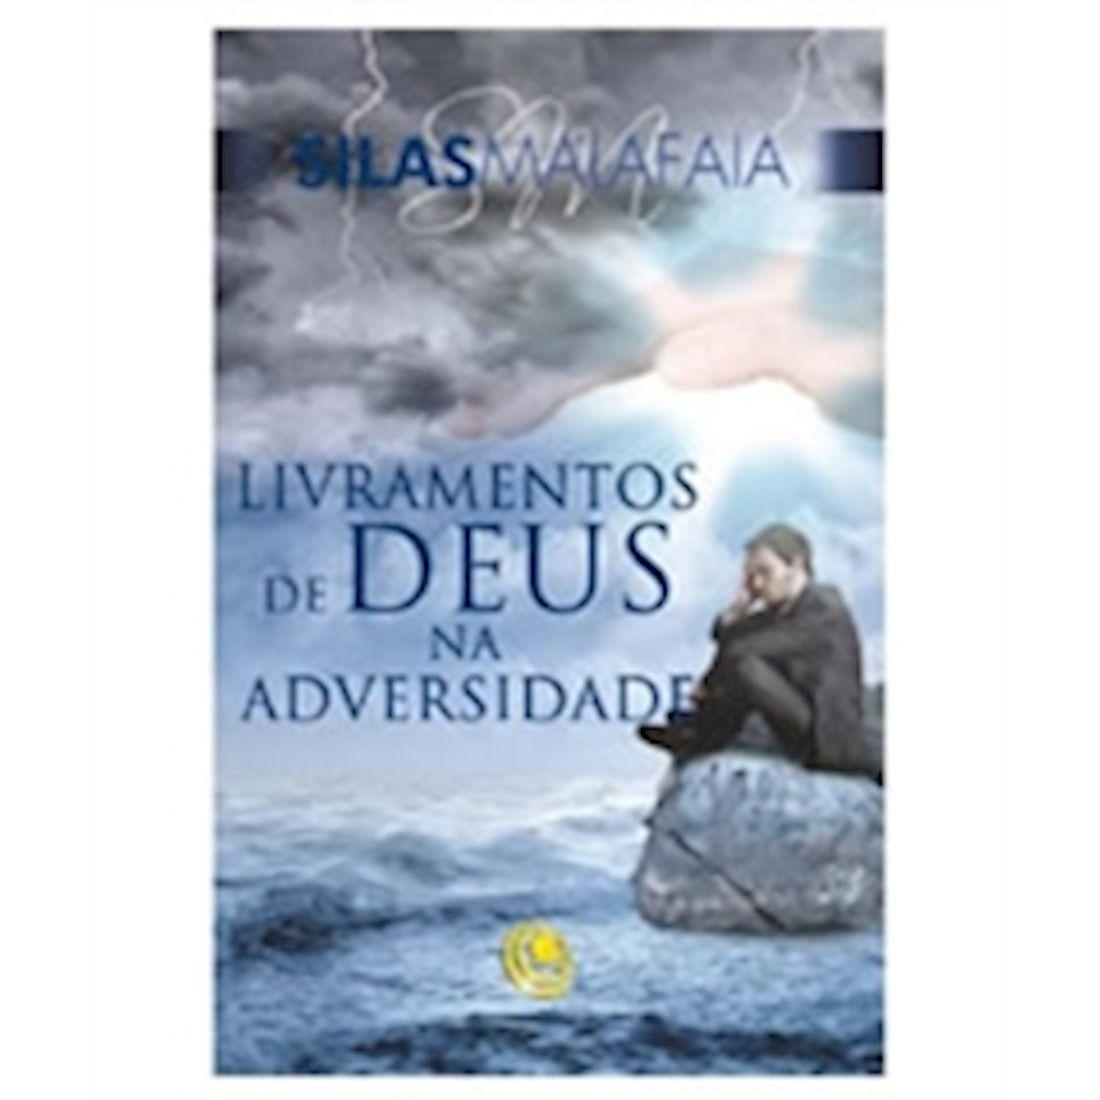 Livro Livramentos de Deus na Adversidade